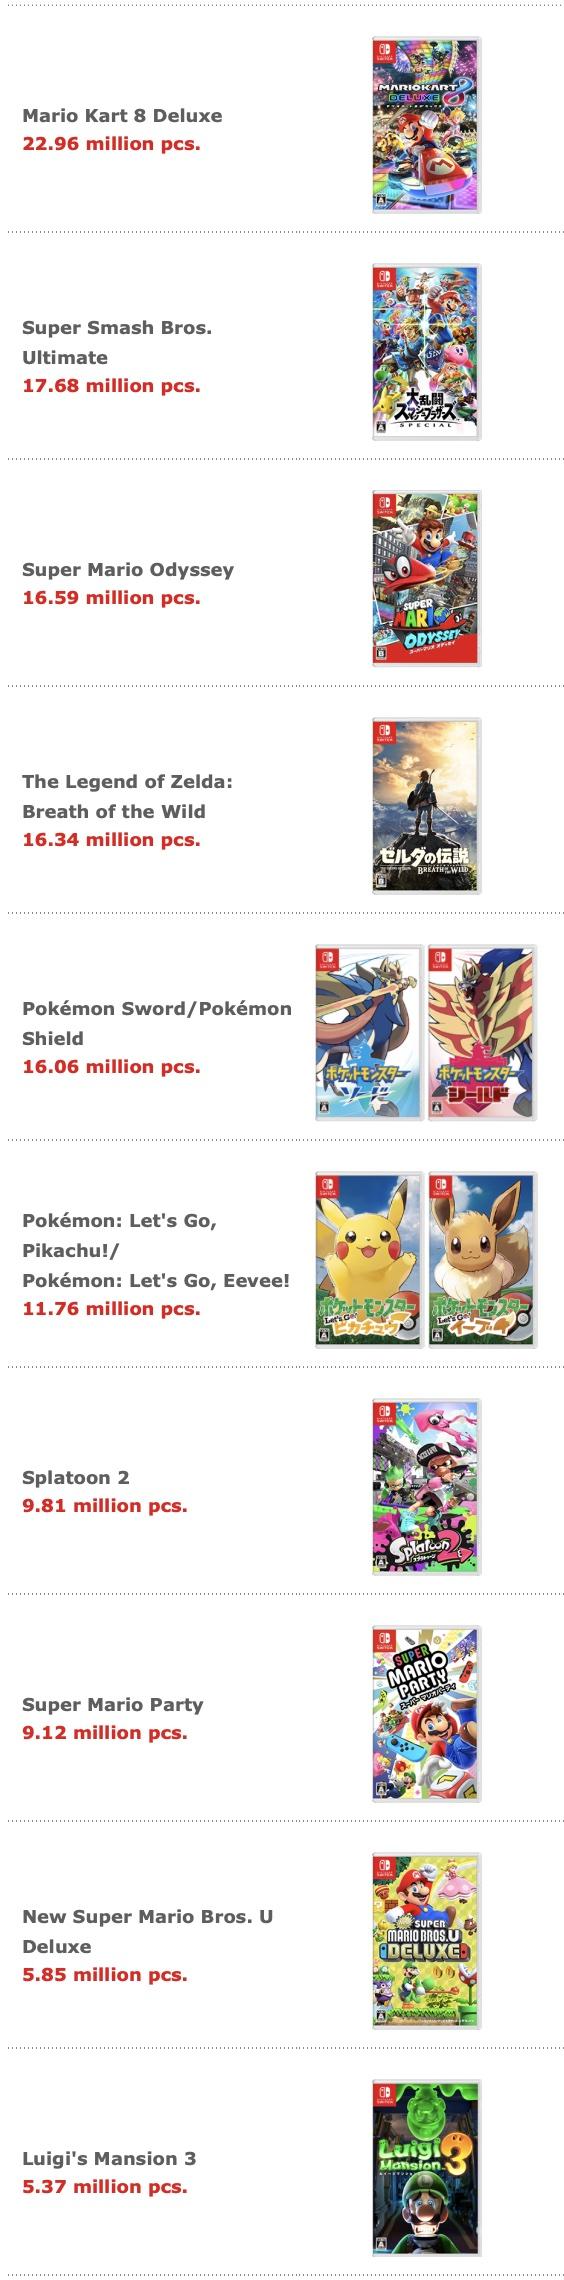 http://server.digimetriq.com/wp-content/uploads/2020/12/1608354149_282_Nintendo's-3rd quarter-February-2020 financial results-.jpg